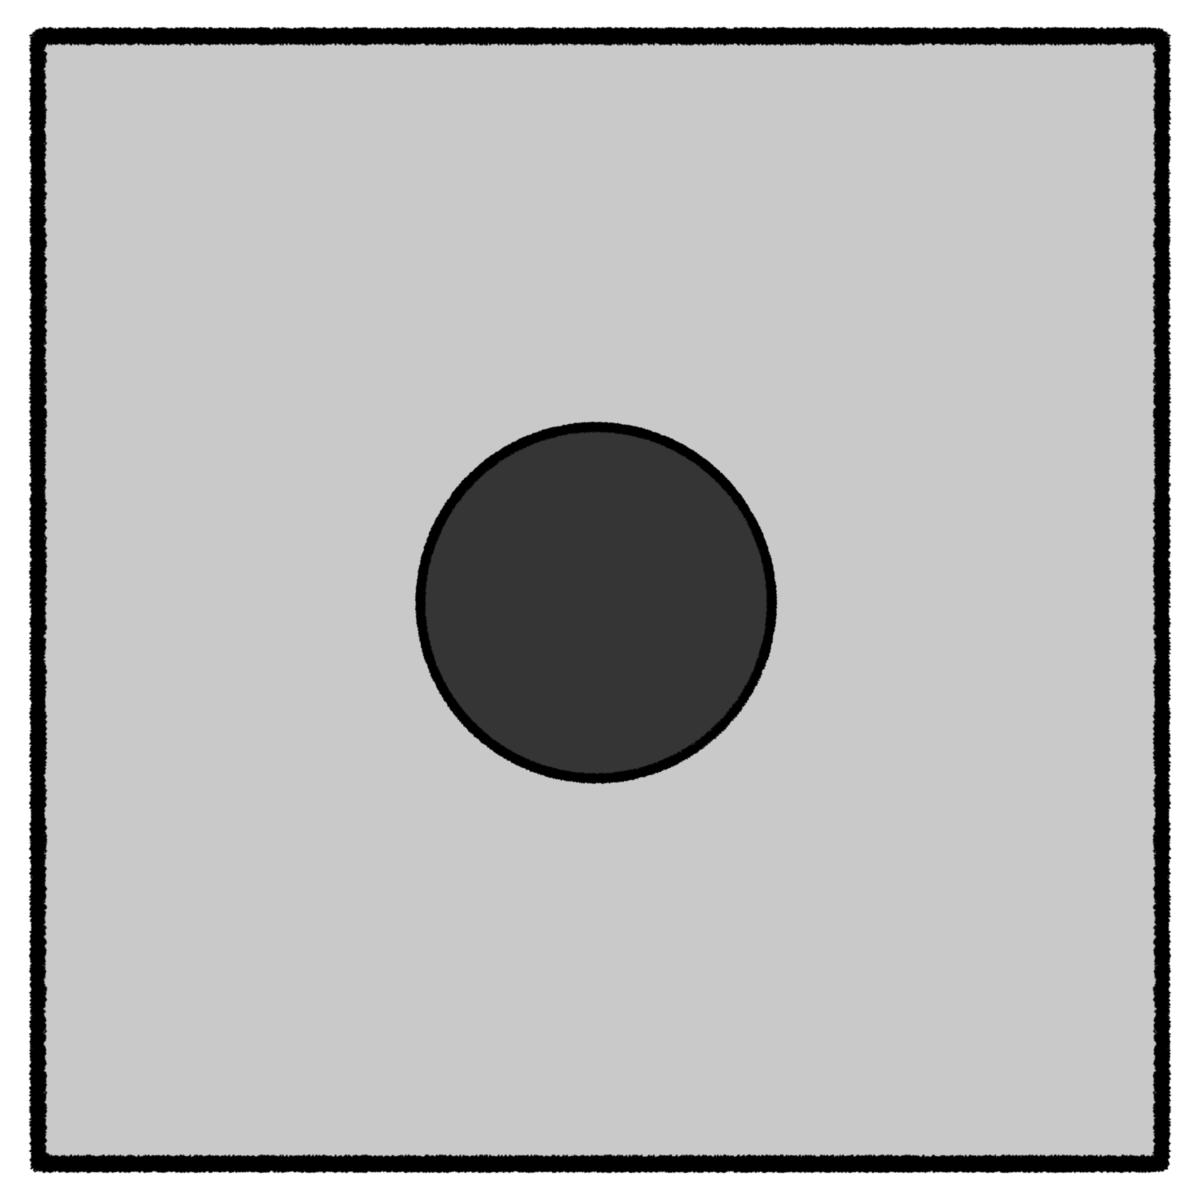 f:id:usgmen:20210519202417p:plain